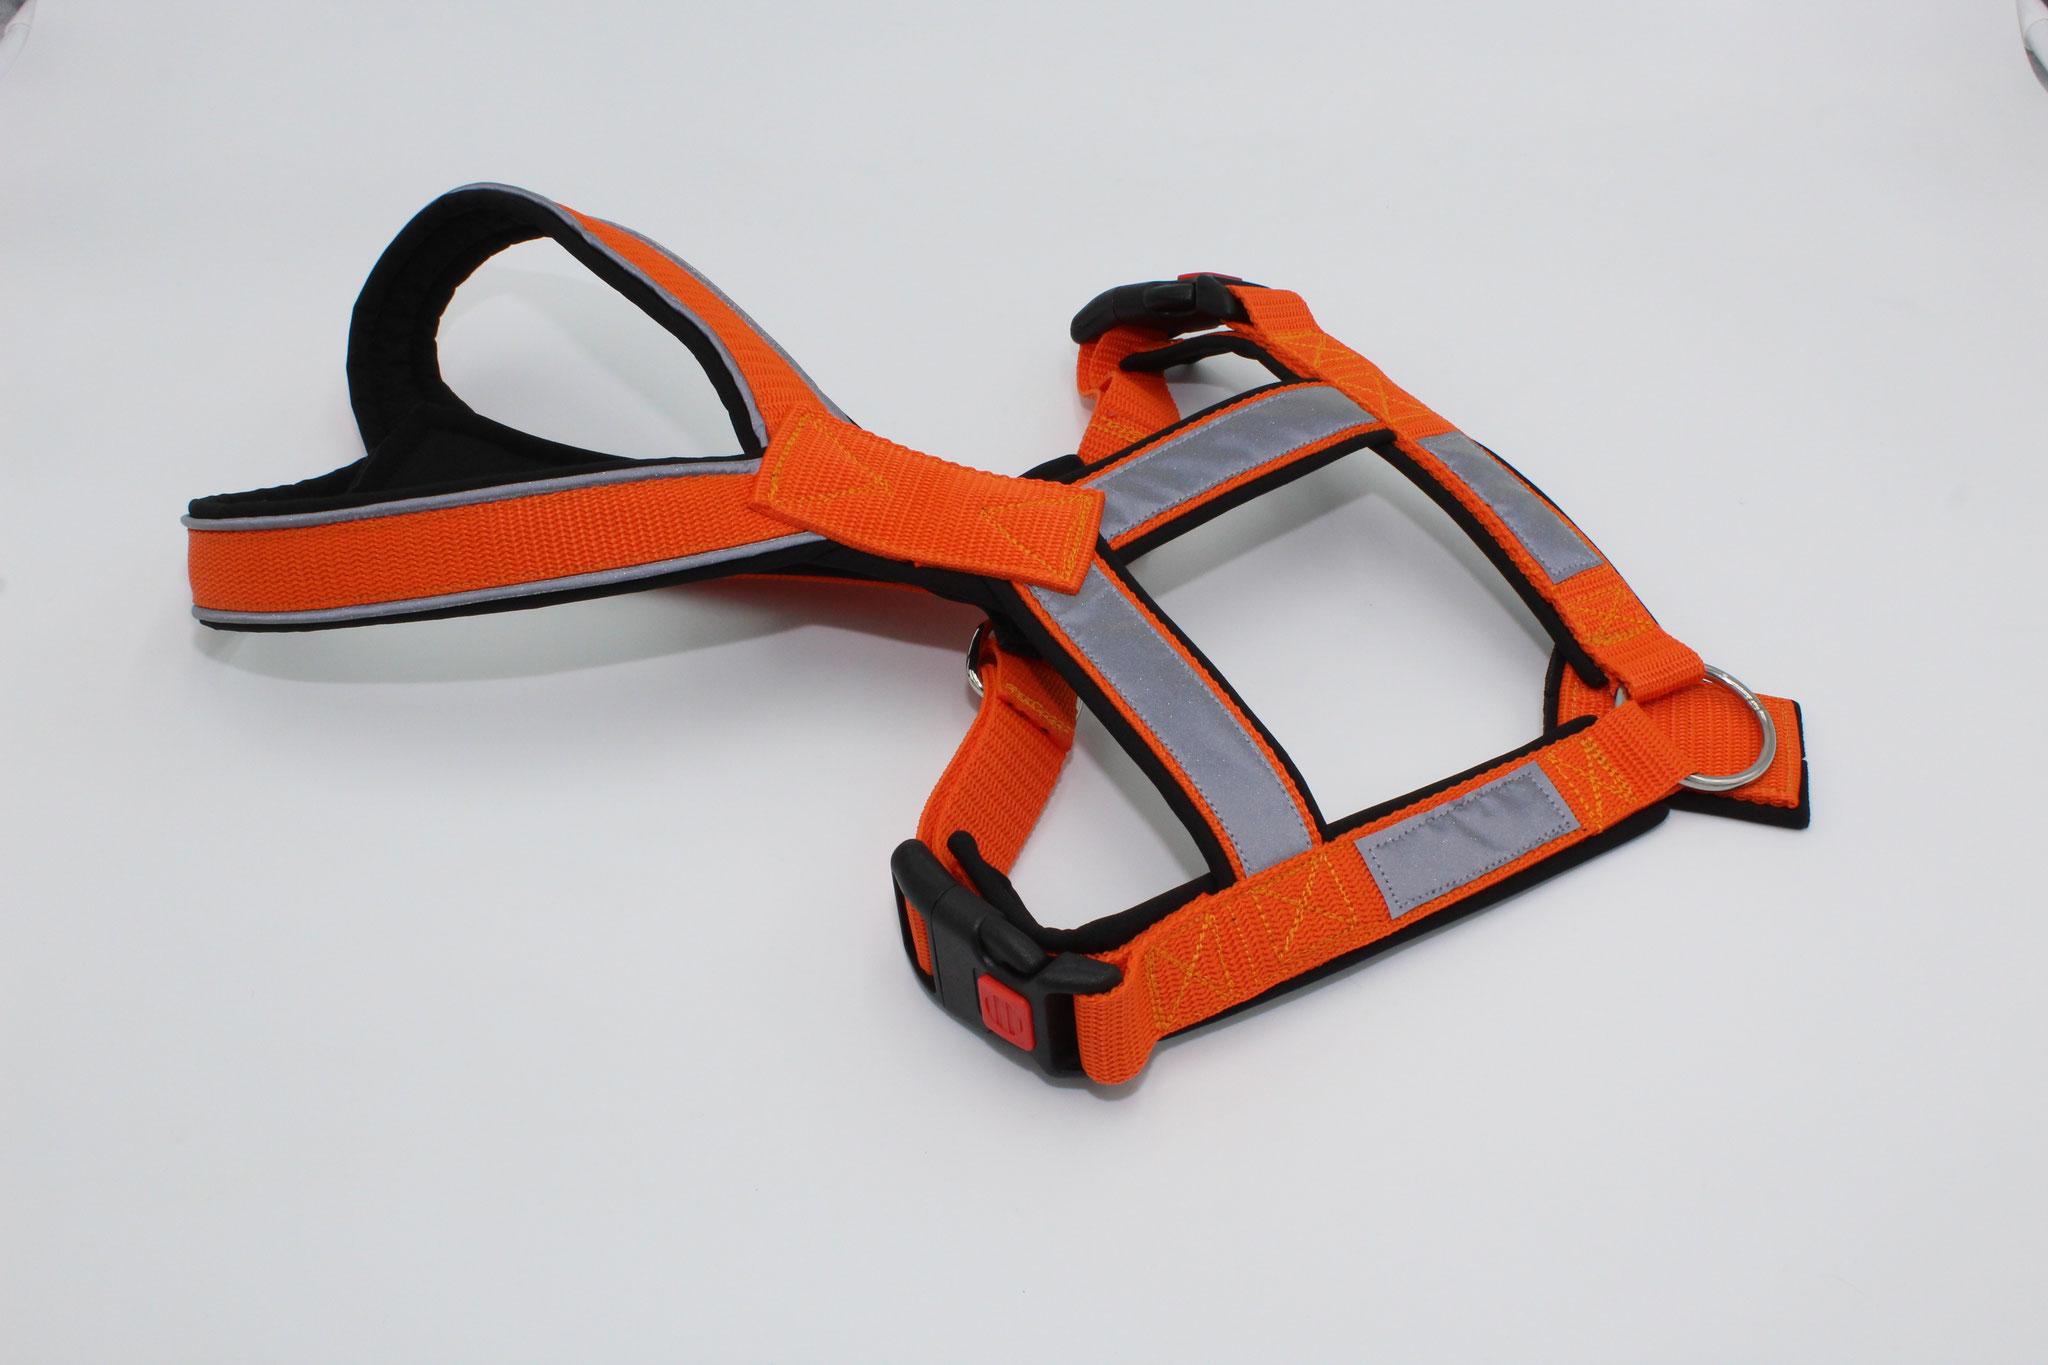 Gurtband orange G18, Softshell schwarz S53, mit Reflektorenpapsel und Reflektorenband